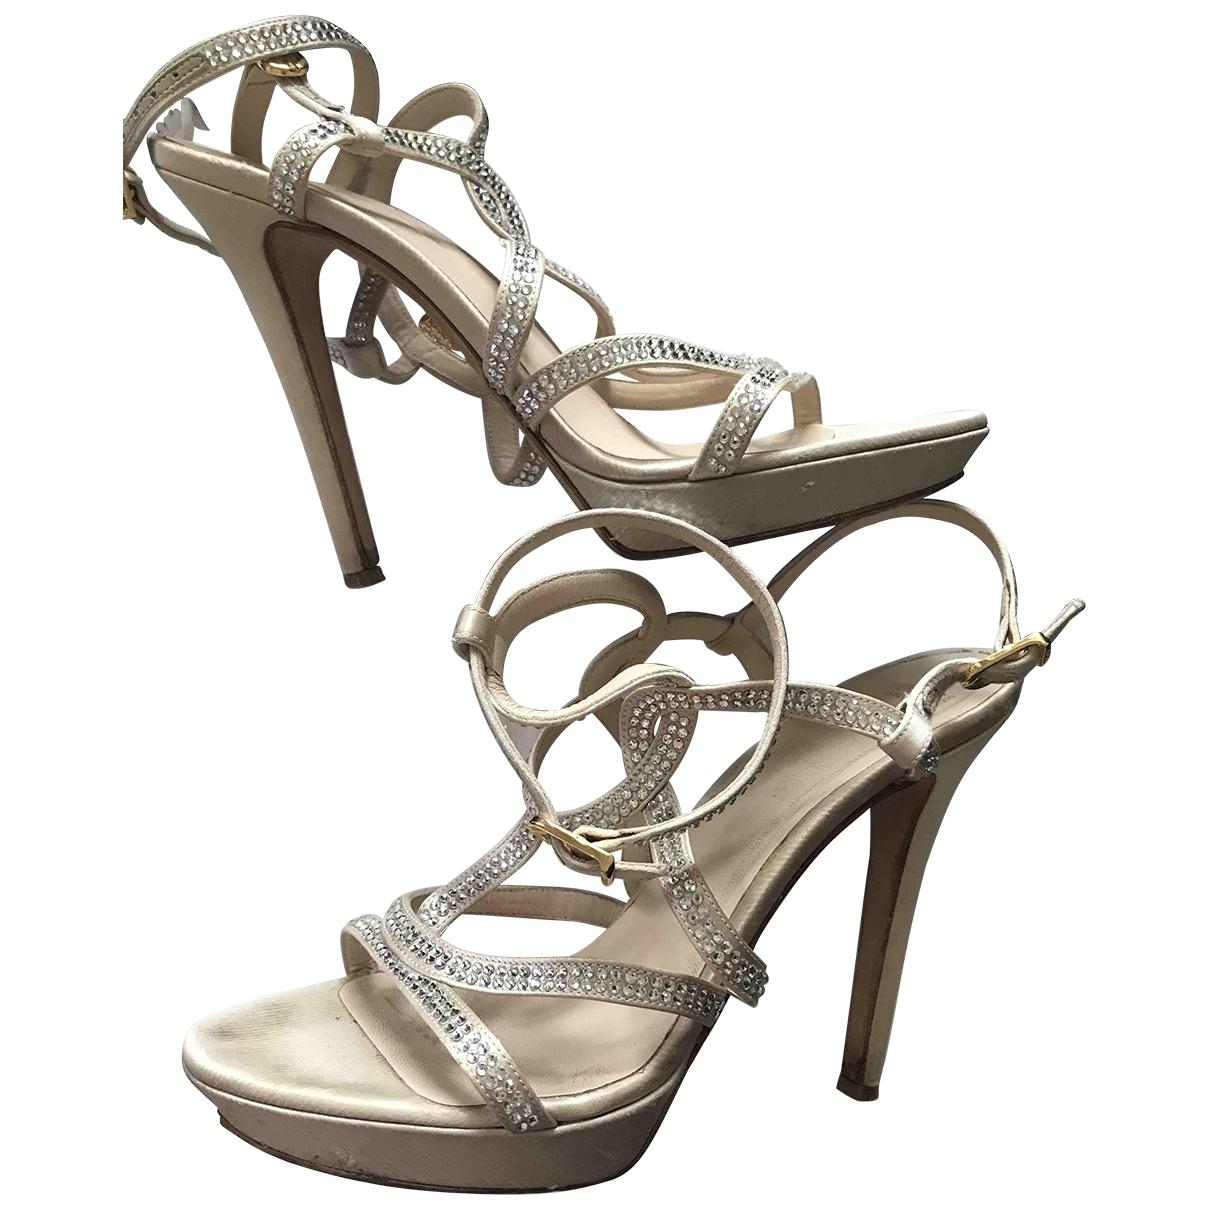 Versace - Sandales   pour femme en cuir - beige